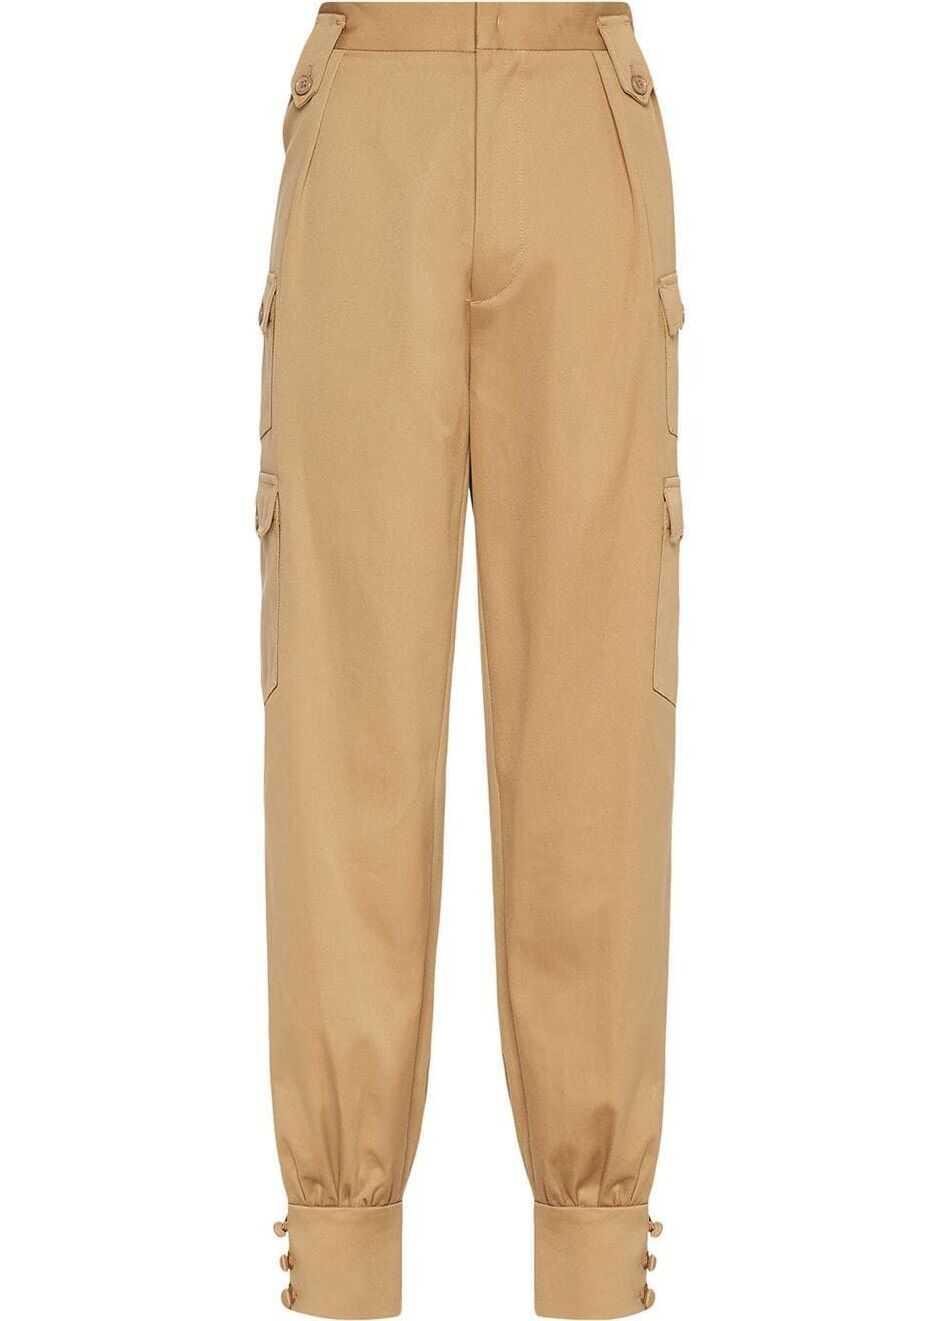 Miu Miu Cotton Pants BROWN